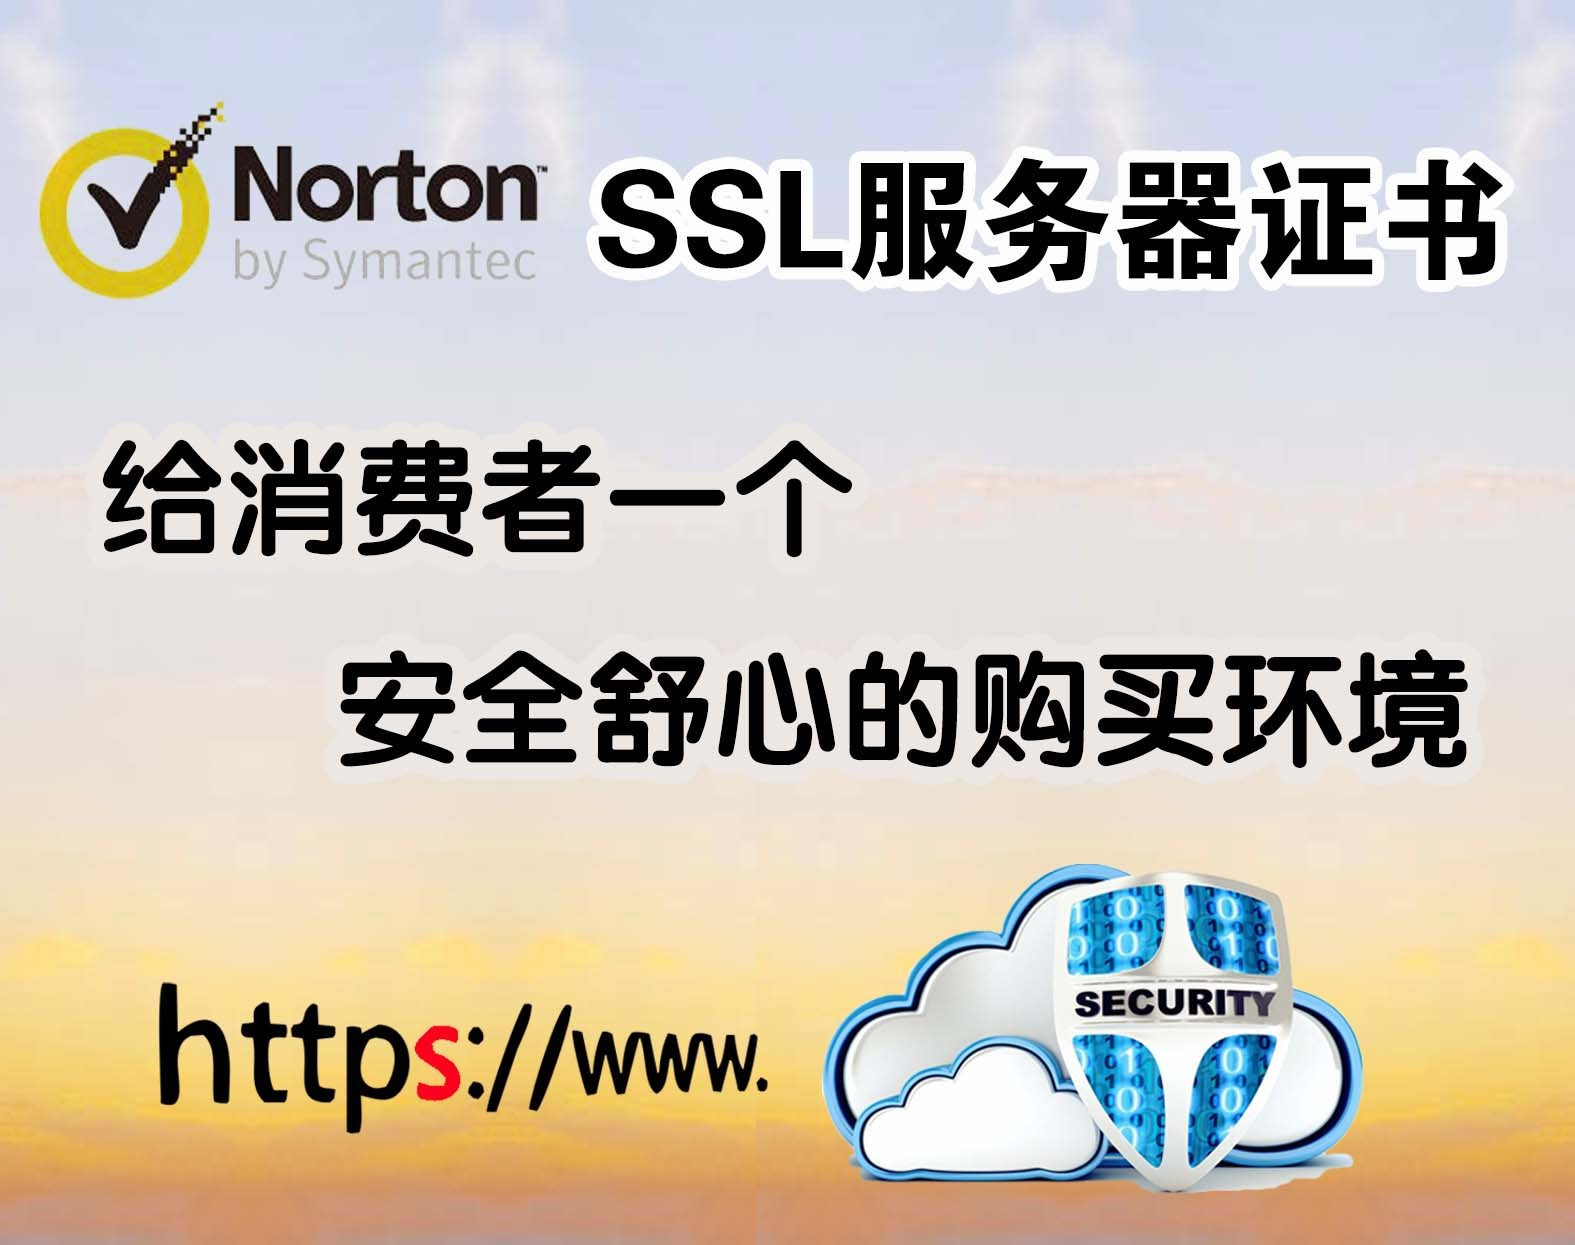 ssl证书_H5自助建站多少钱_北京中万网络科技有限责任公司